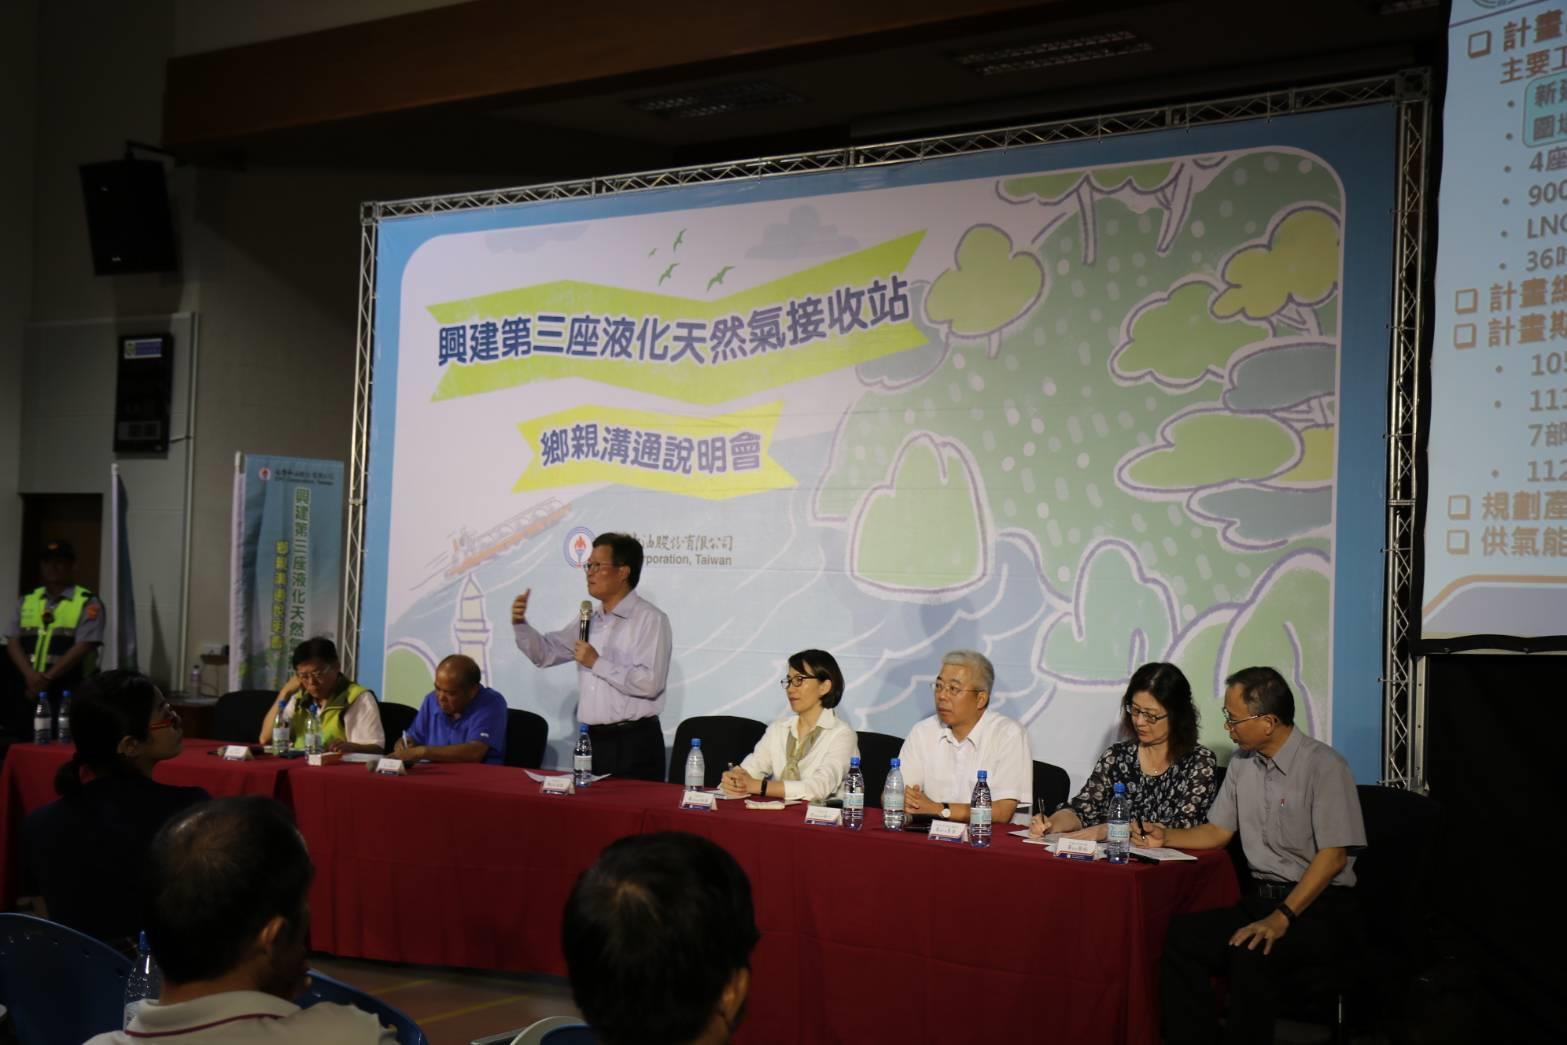 董事長向大潭里居民溝通說明計畫。